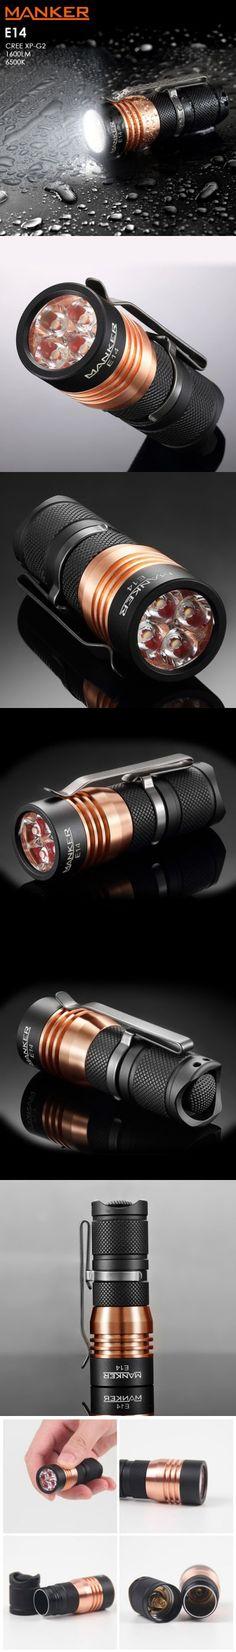 LED Flashlights | Manker E14 Mini EDC LED Flashlight $39.90